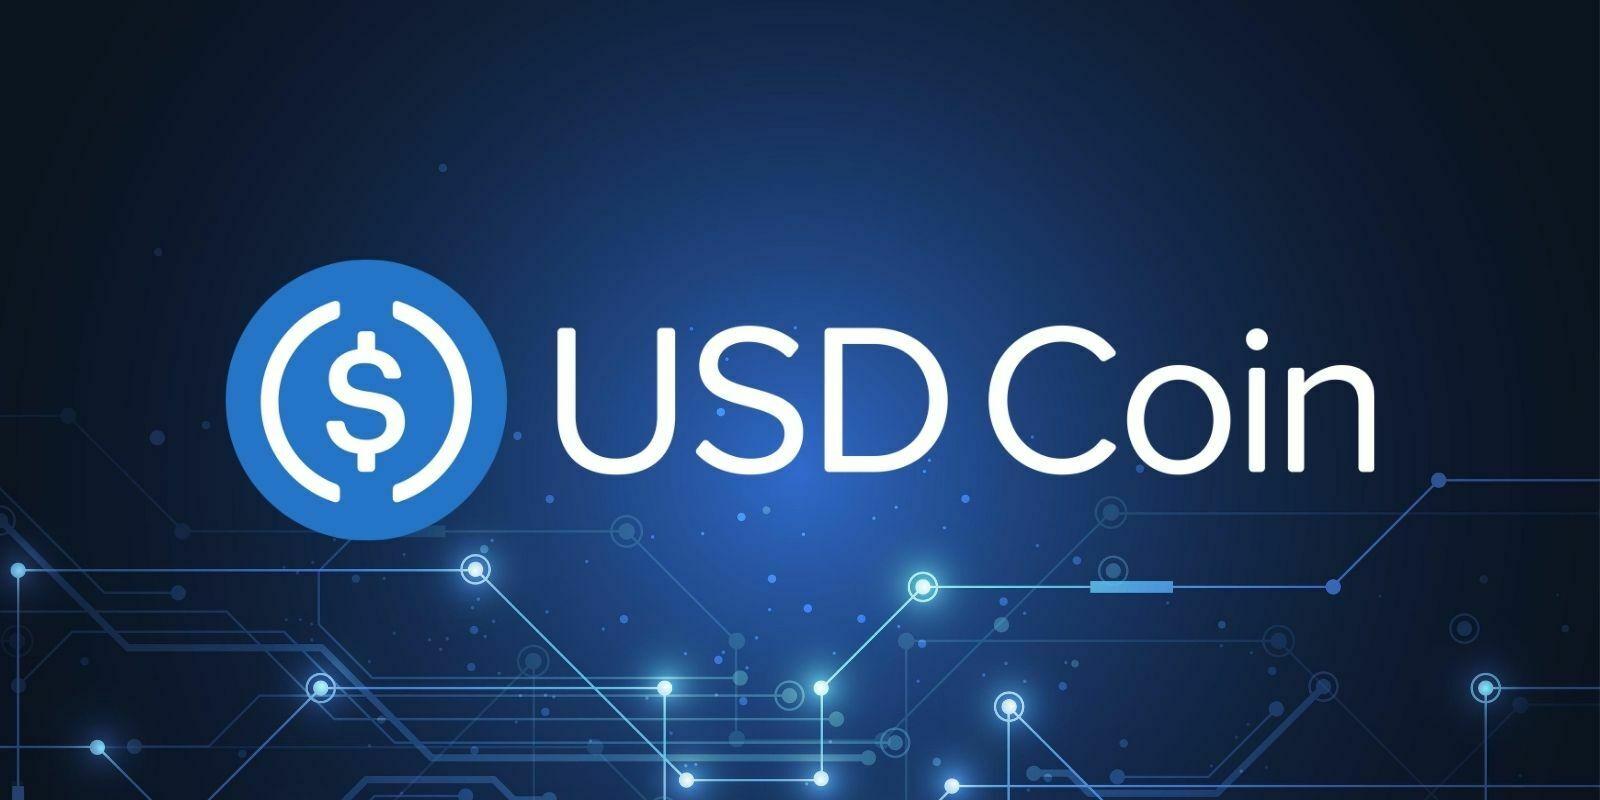 USDC 2.0 : le stablecoin de Coinbase fait l'objet d'une mise à jour majeure